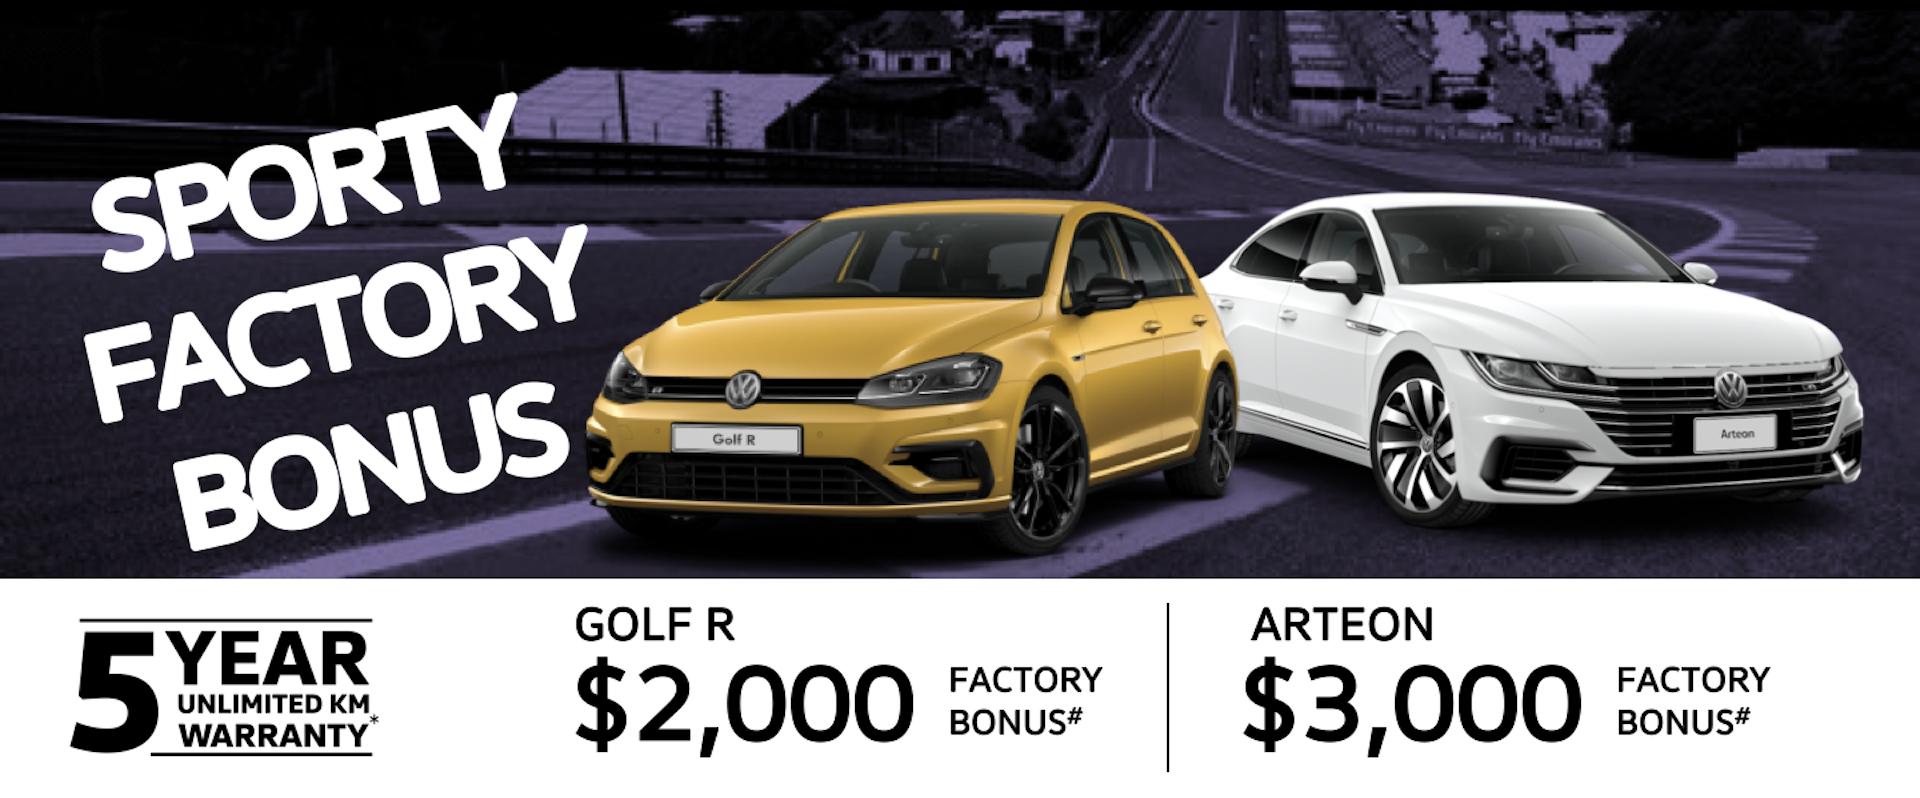 South Yarra Volkswagen Volkswagen Dealer Melbourne